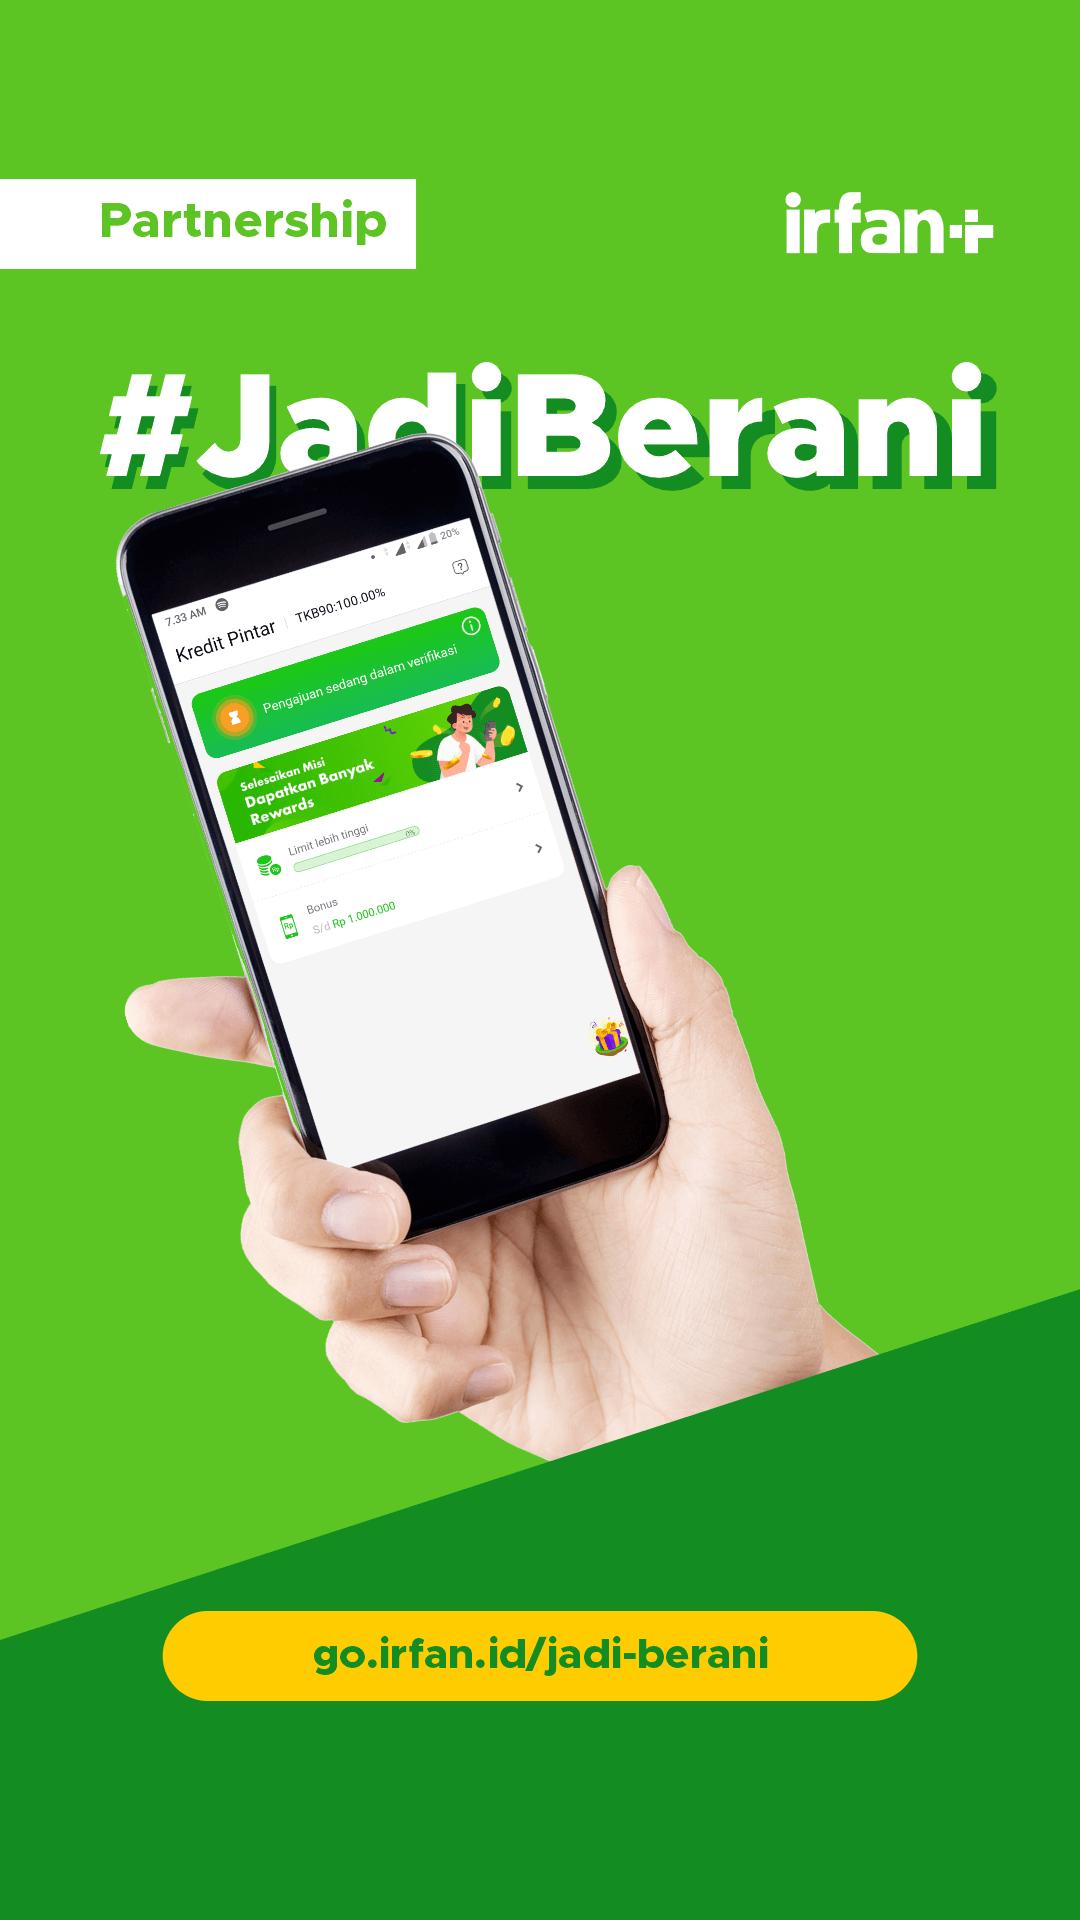 #JadiBerani Mulai Bisnis Dengan Pinjaman Online dari Kredit Pintar 3